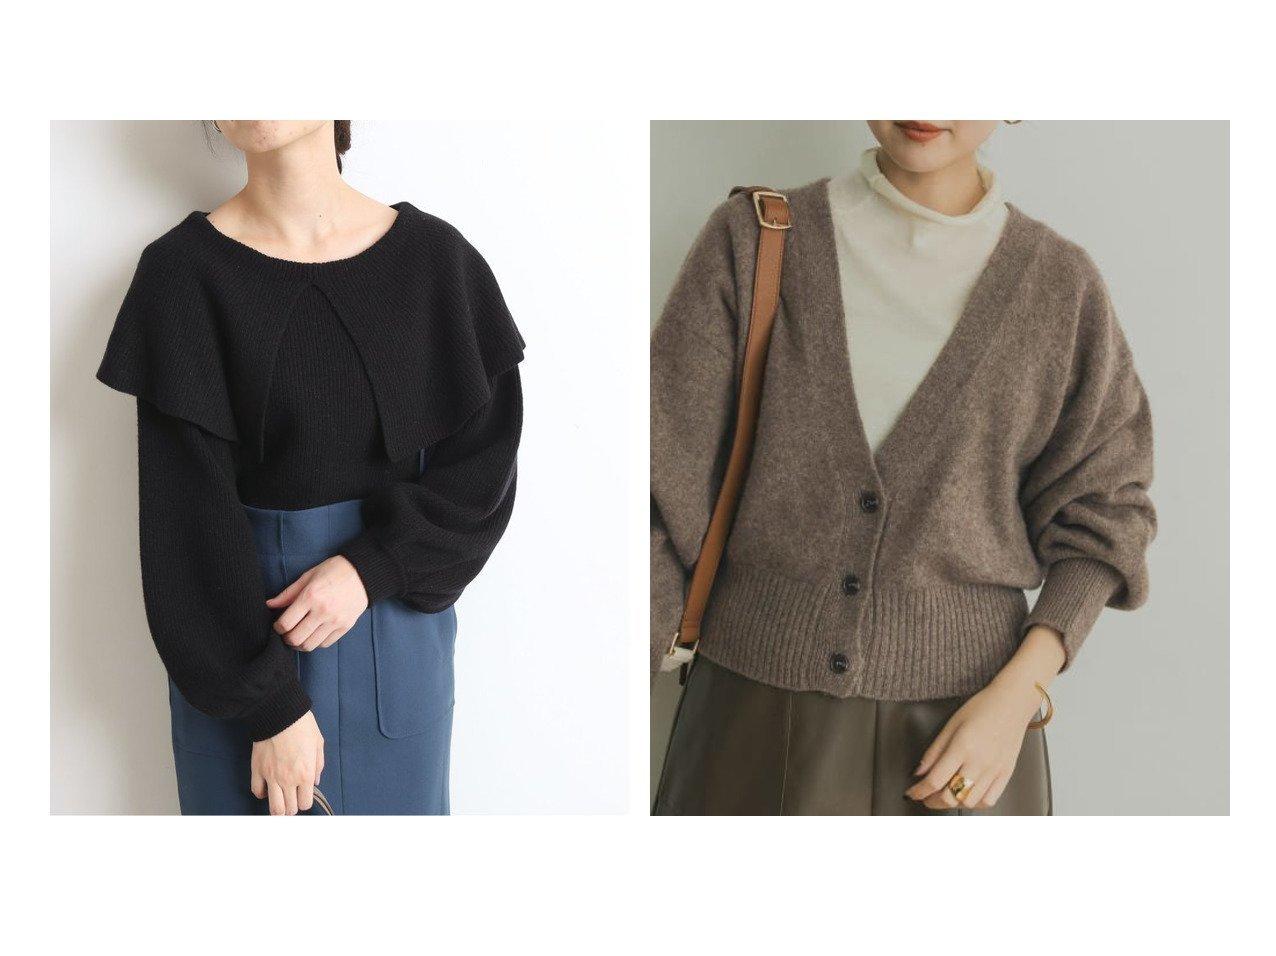 【URBAN RESEARCH/アーバンリサーチ】のYAK100ショートカーディガン&【SLOBE IENA/スローブ イエナ】のビックカラーニット トップス・カットソーのおすすめ!人気、レディースファッションの通販  おすすめで人気のファッション通販商品 インテリア・家具・キッズファッション・メンズファッション・レディースファッション・服の通販 founy(ファニー) https://founy.com/ ファッション Fashion レディース WOMEN トップス Tops Tshirt ニット Knit Tops カーディガン Cardigans 秋冬 A/W Autumn/ Winter コンパクト セーター フェミニン ボトム インナー エアリー カットソー カーディガン ショート シンプル スタンダード ハイネック ベーシック ポケット リブニット  ID:crp329100000003453